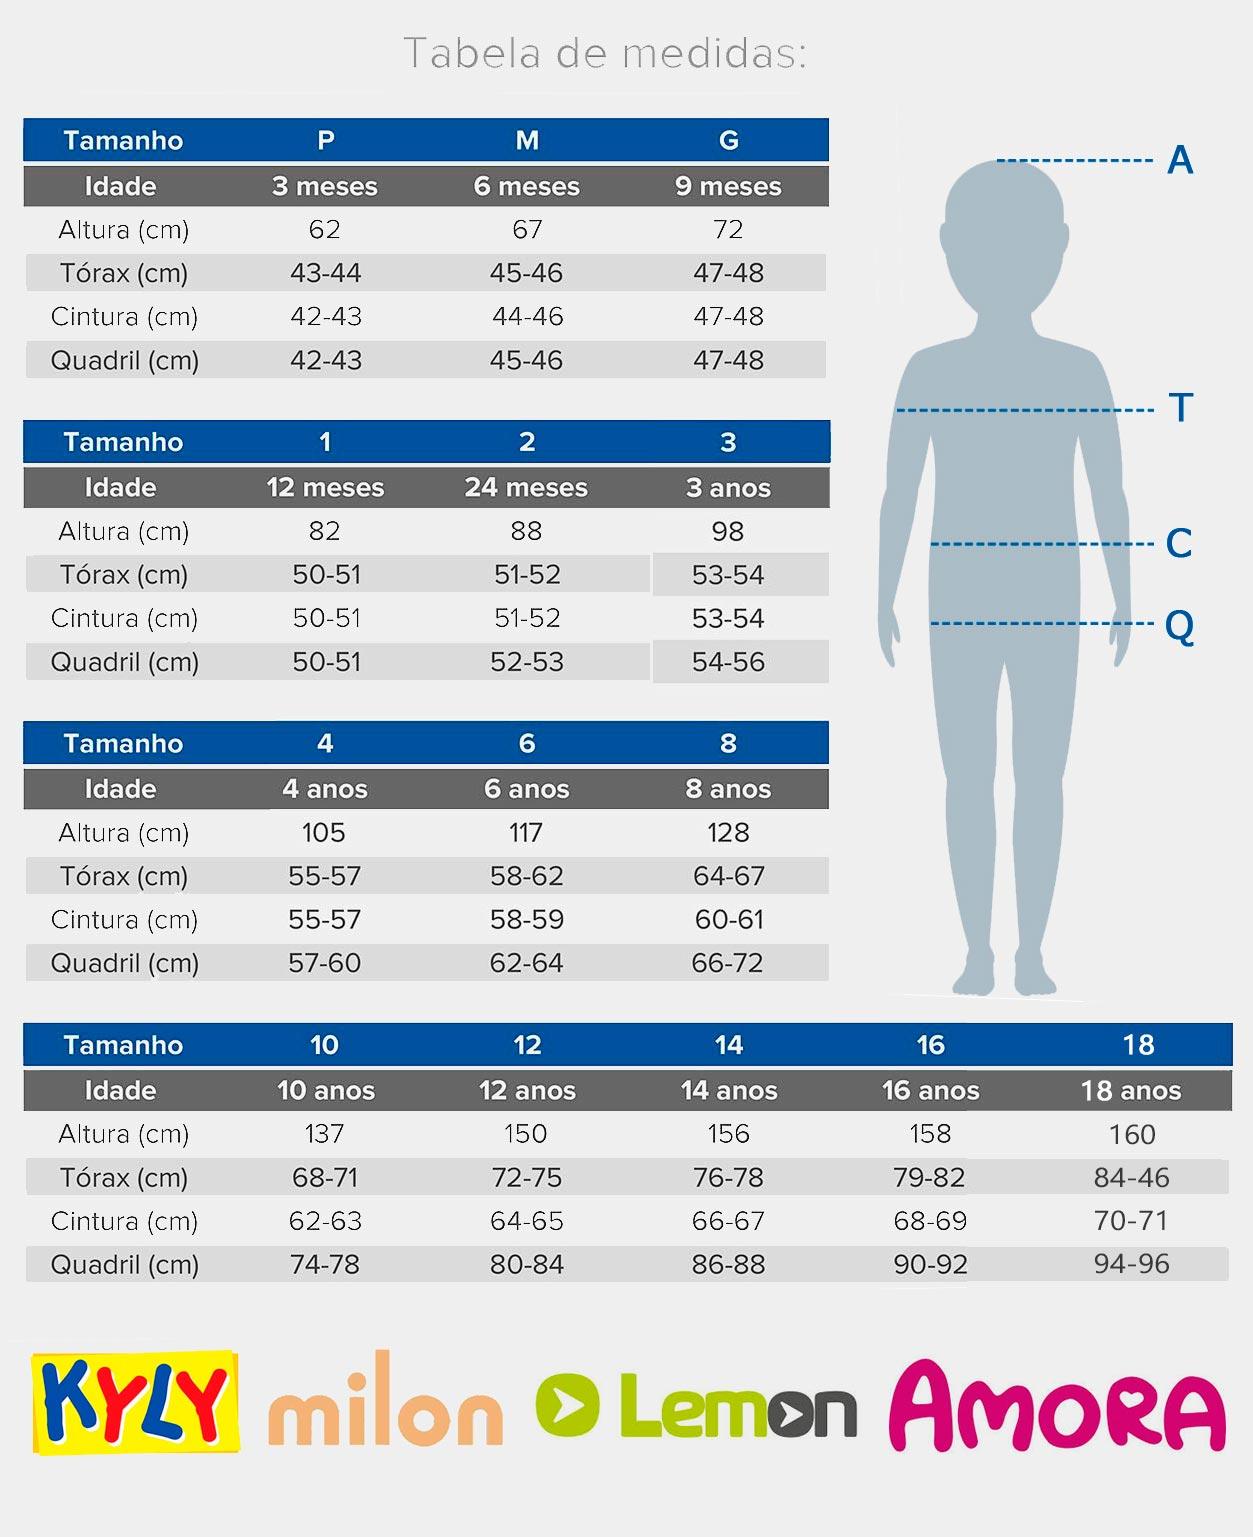 Vestido Feminino Infantil Rosa Dino Love Kyly: Tabela de medidas